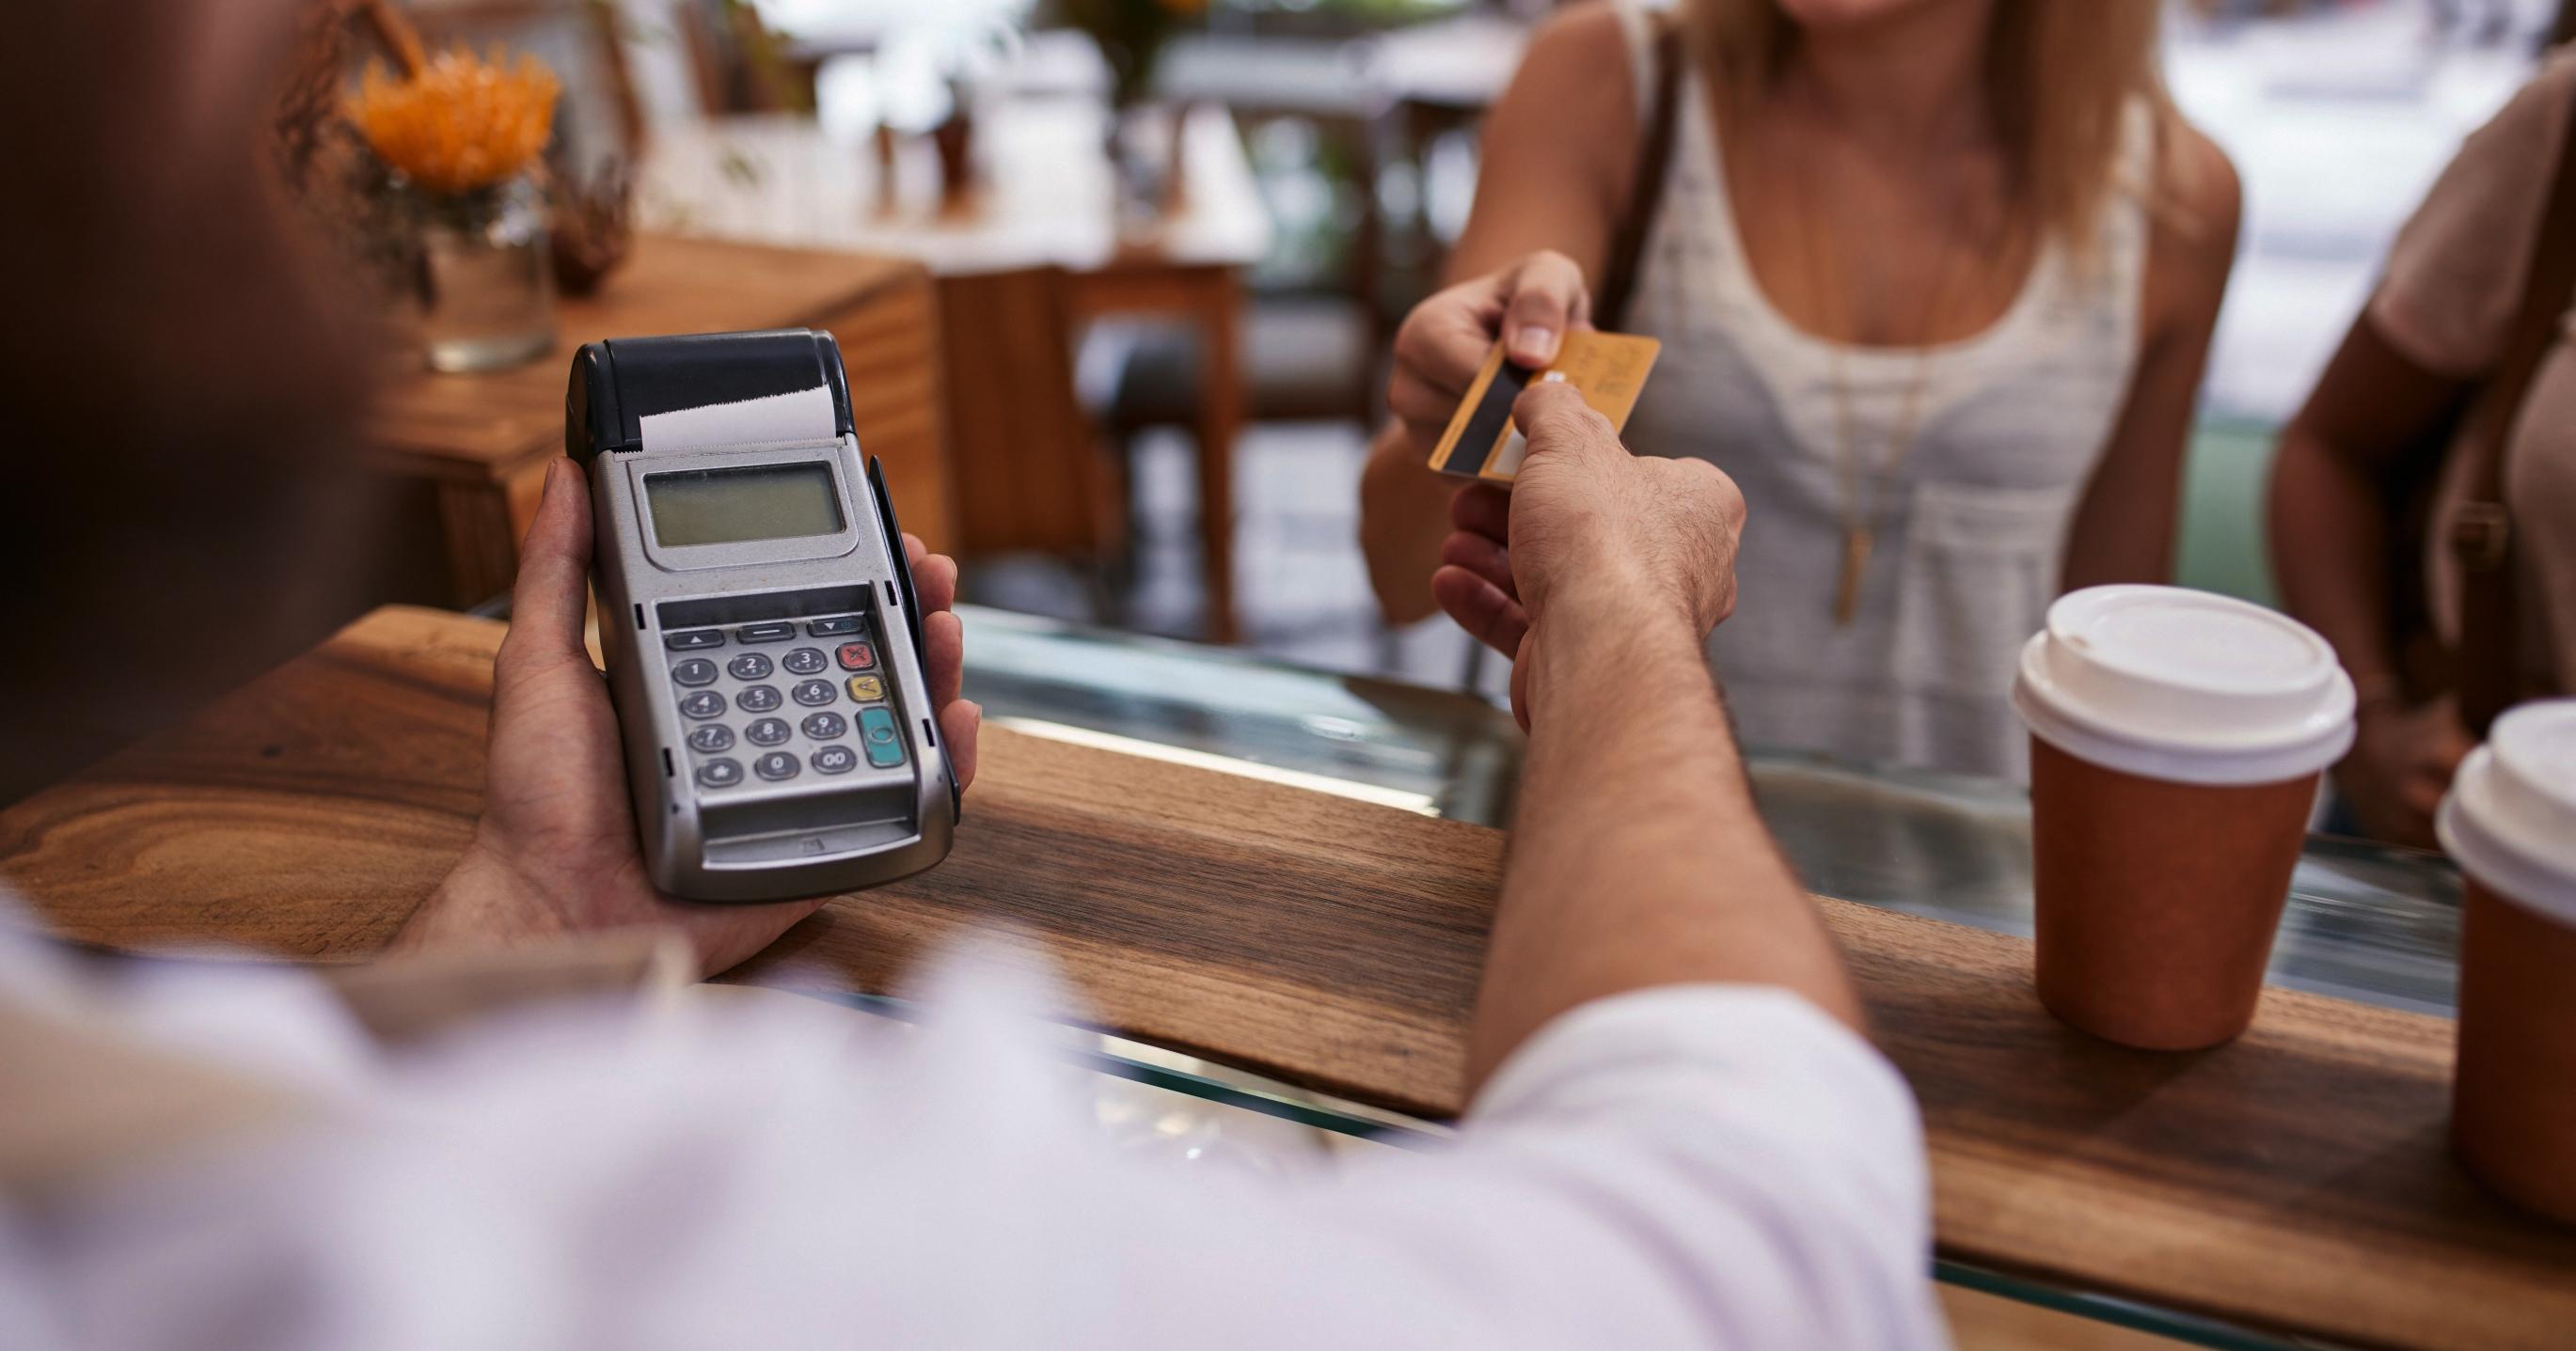 retailstekker voor ICT netwerkbeheer en implementatie retailers en winkeliers